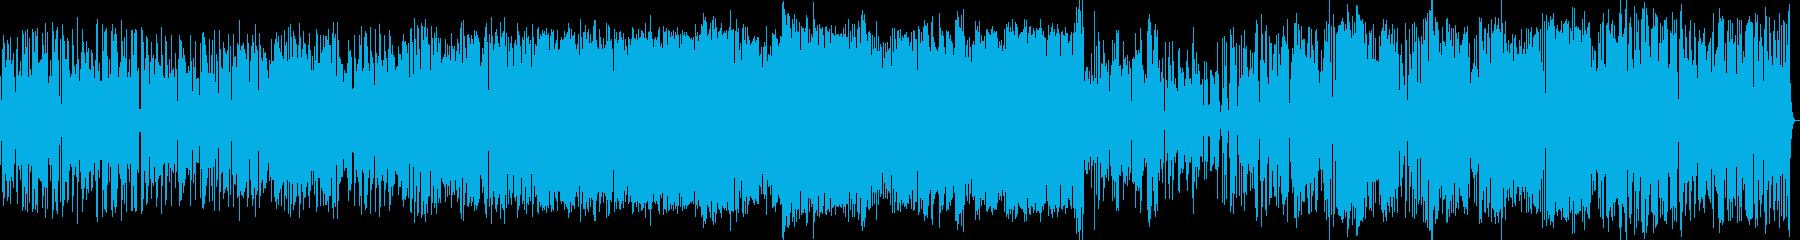 ピュアジャズライブコンサート。ライ...の再生済みの波形